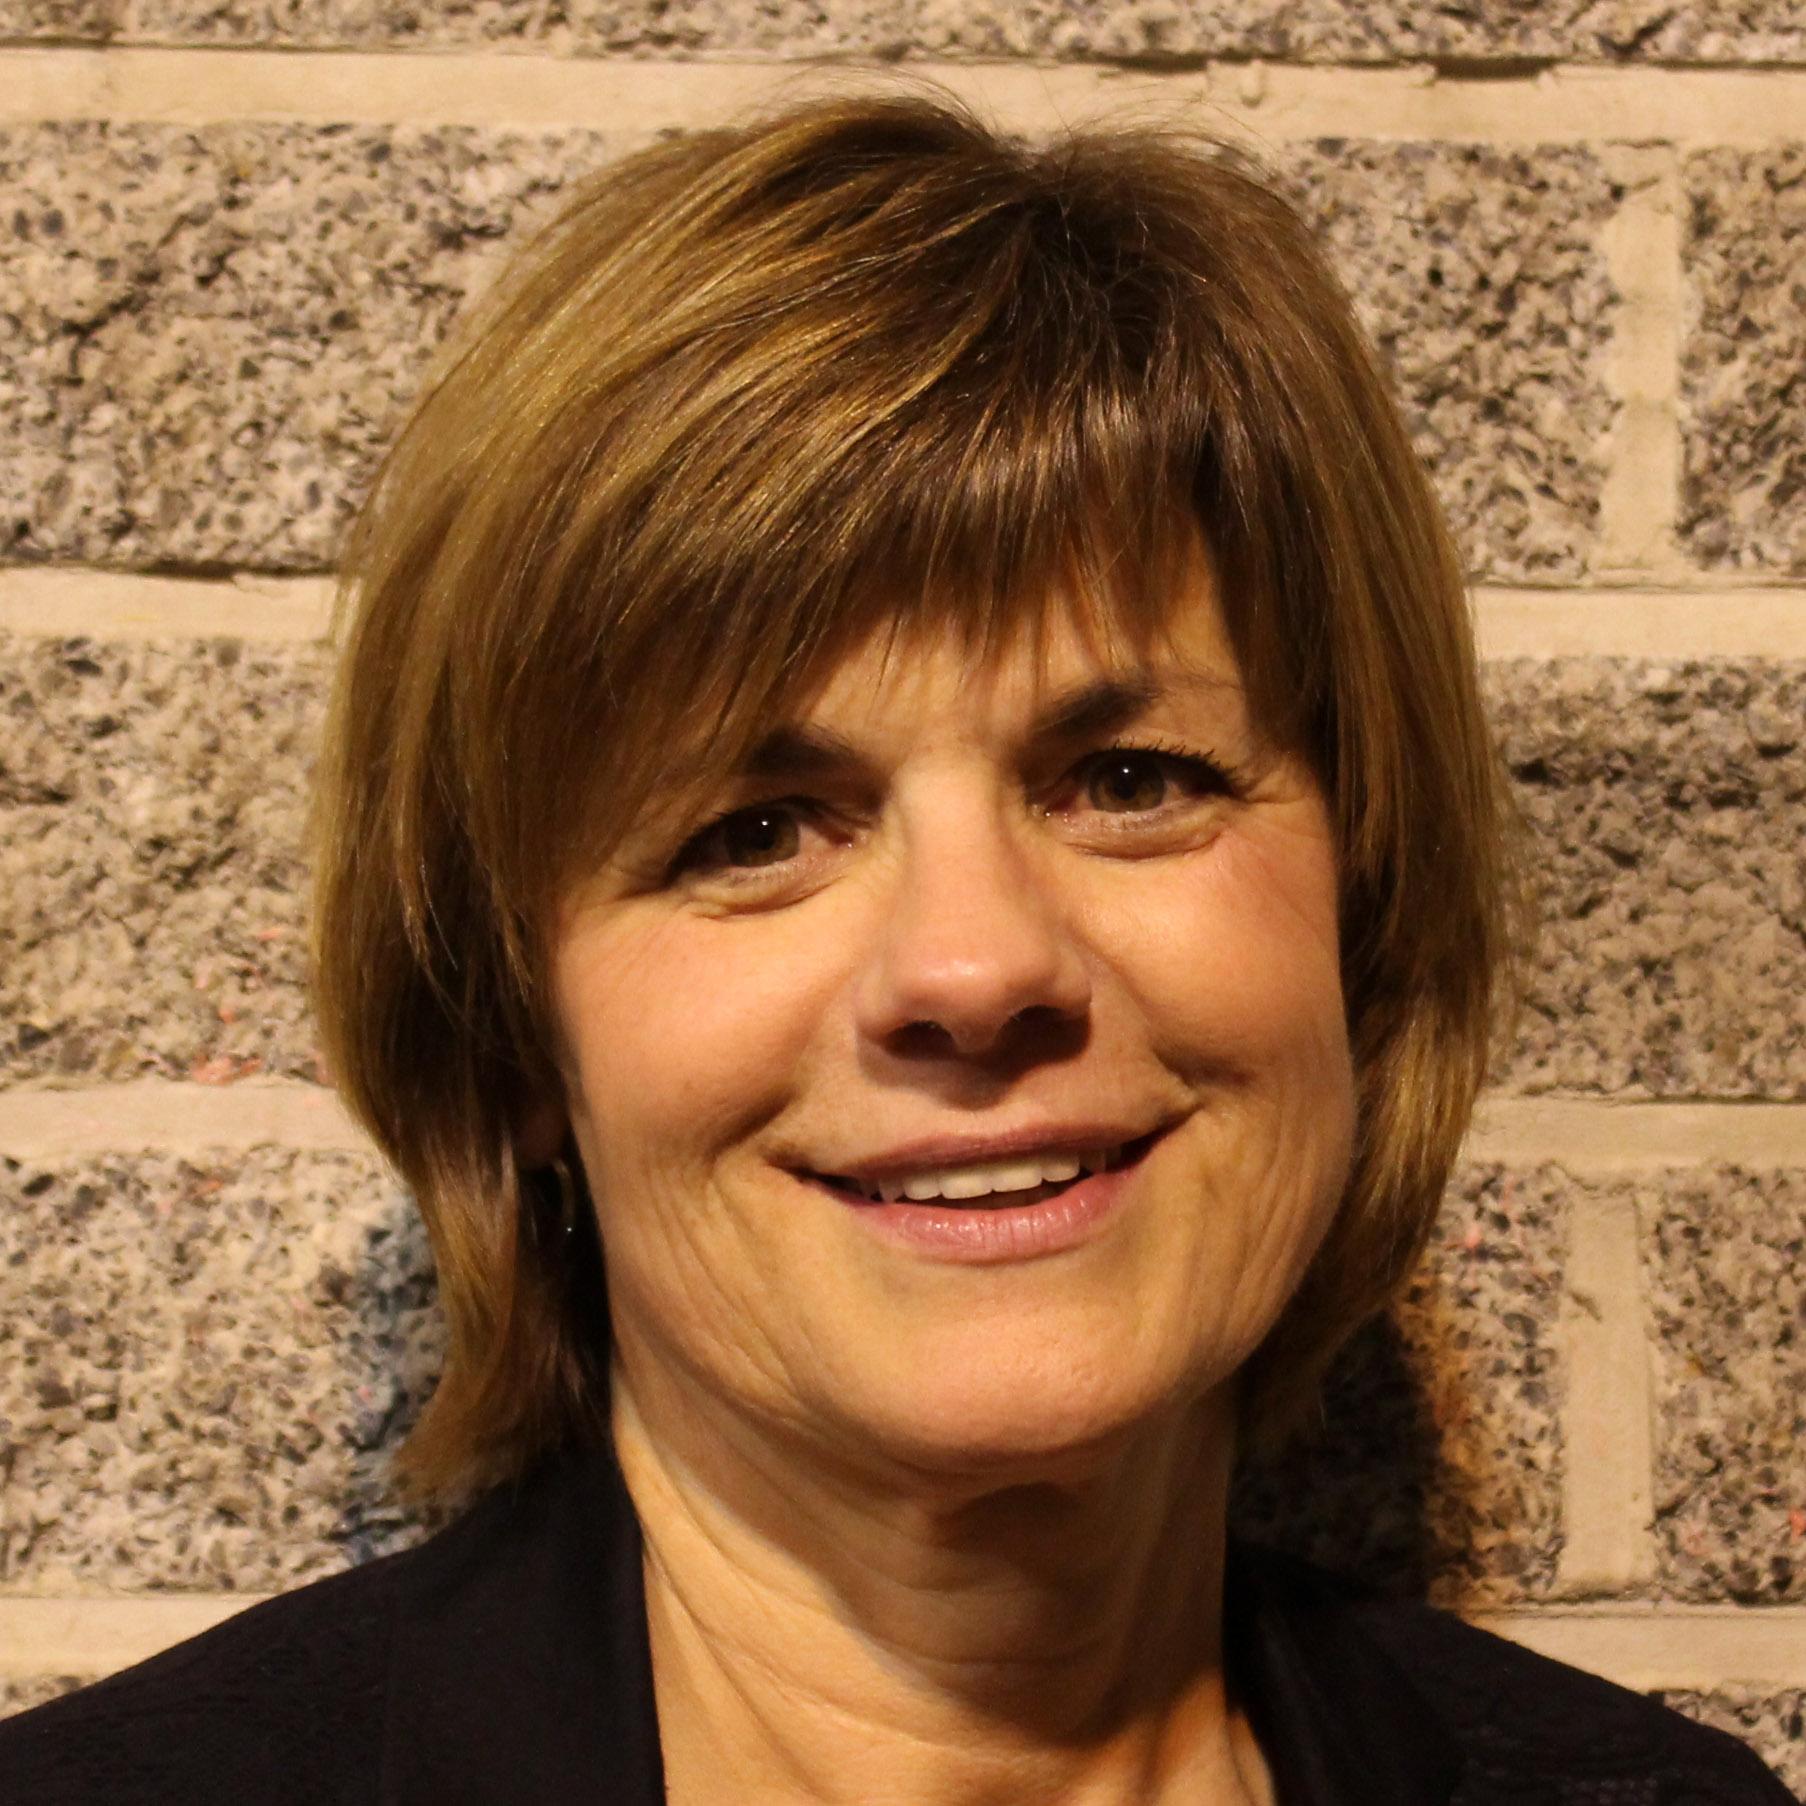 FabienneVanmeerbeek